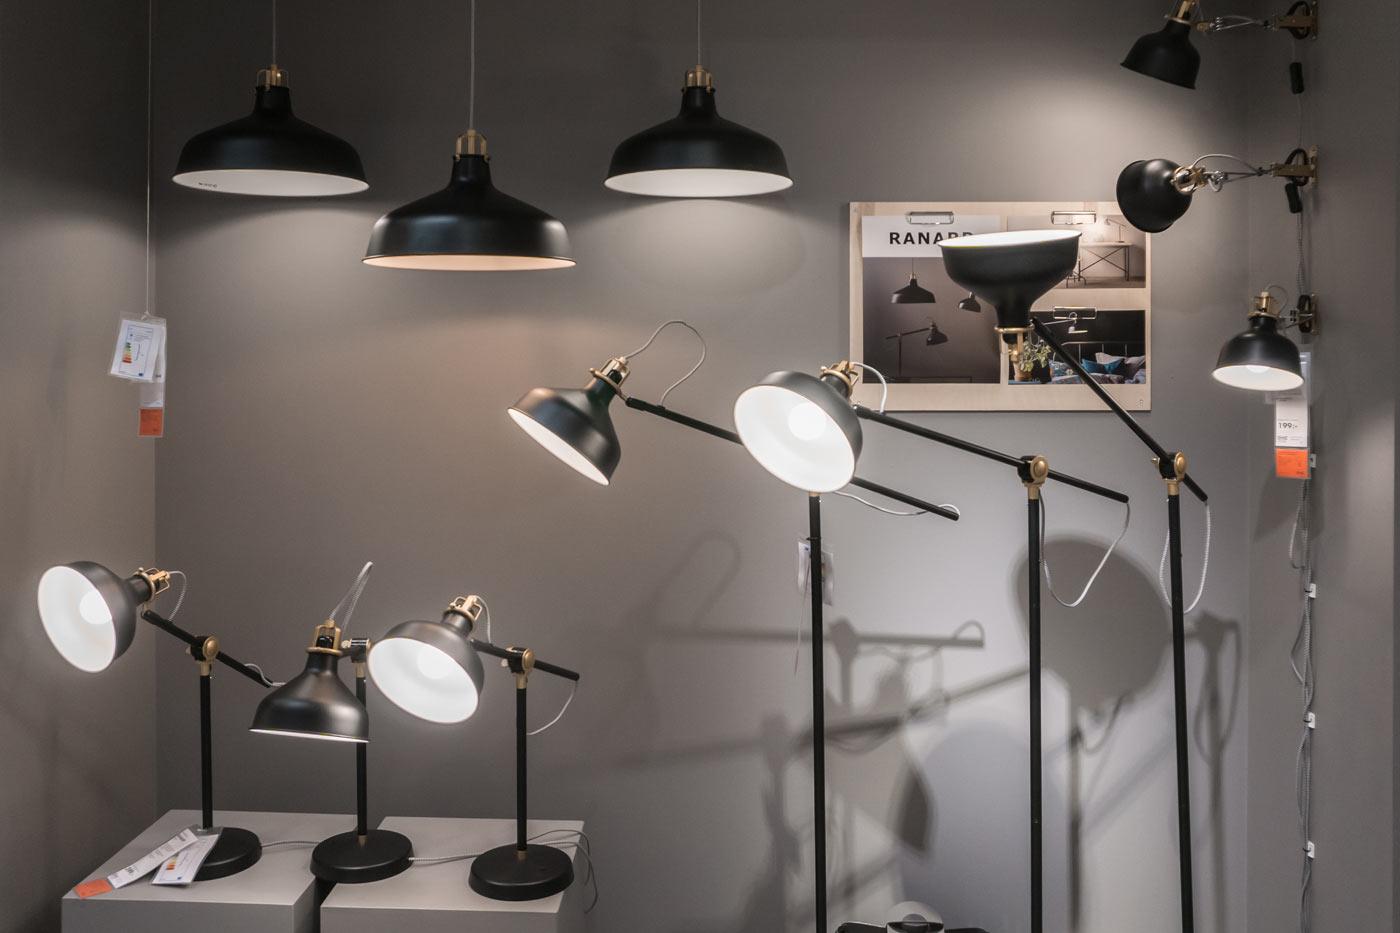 Ikea Leuchten schwarz inszeniert